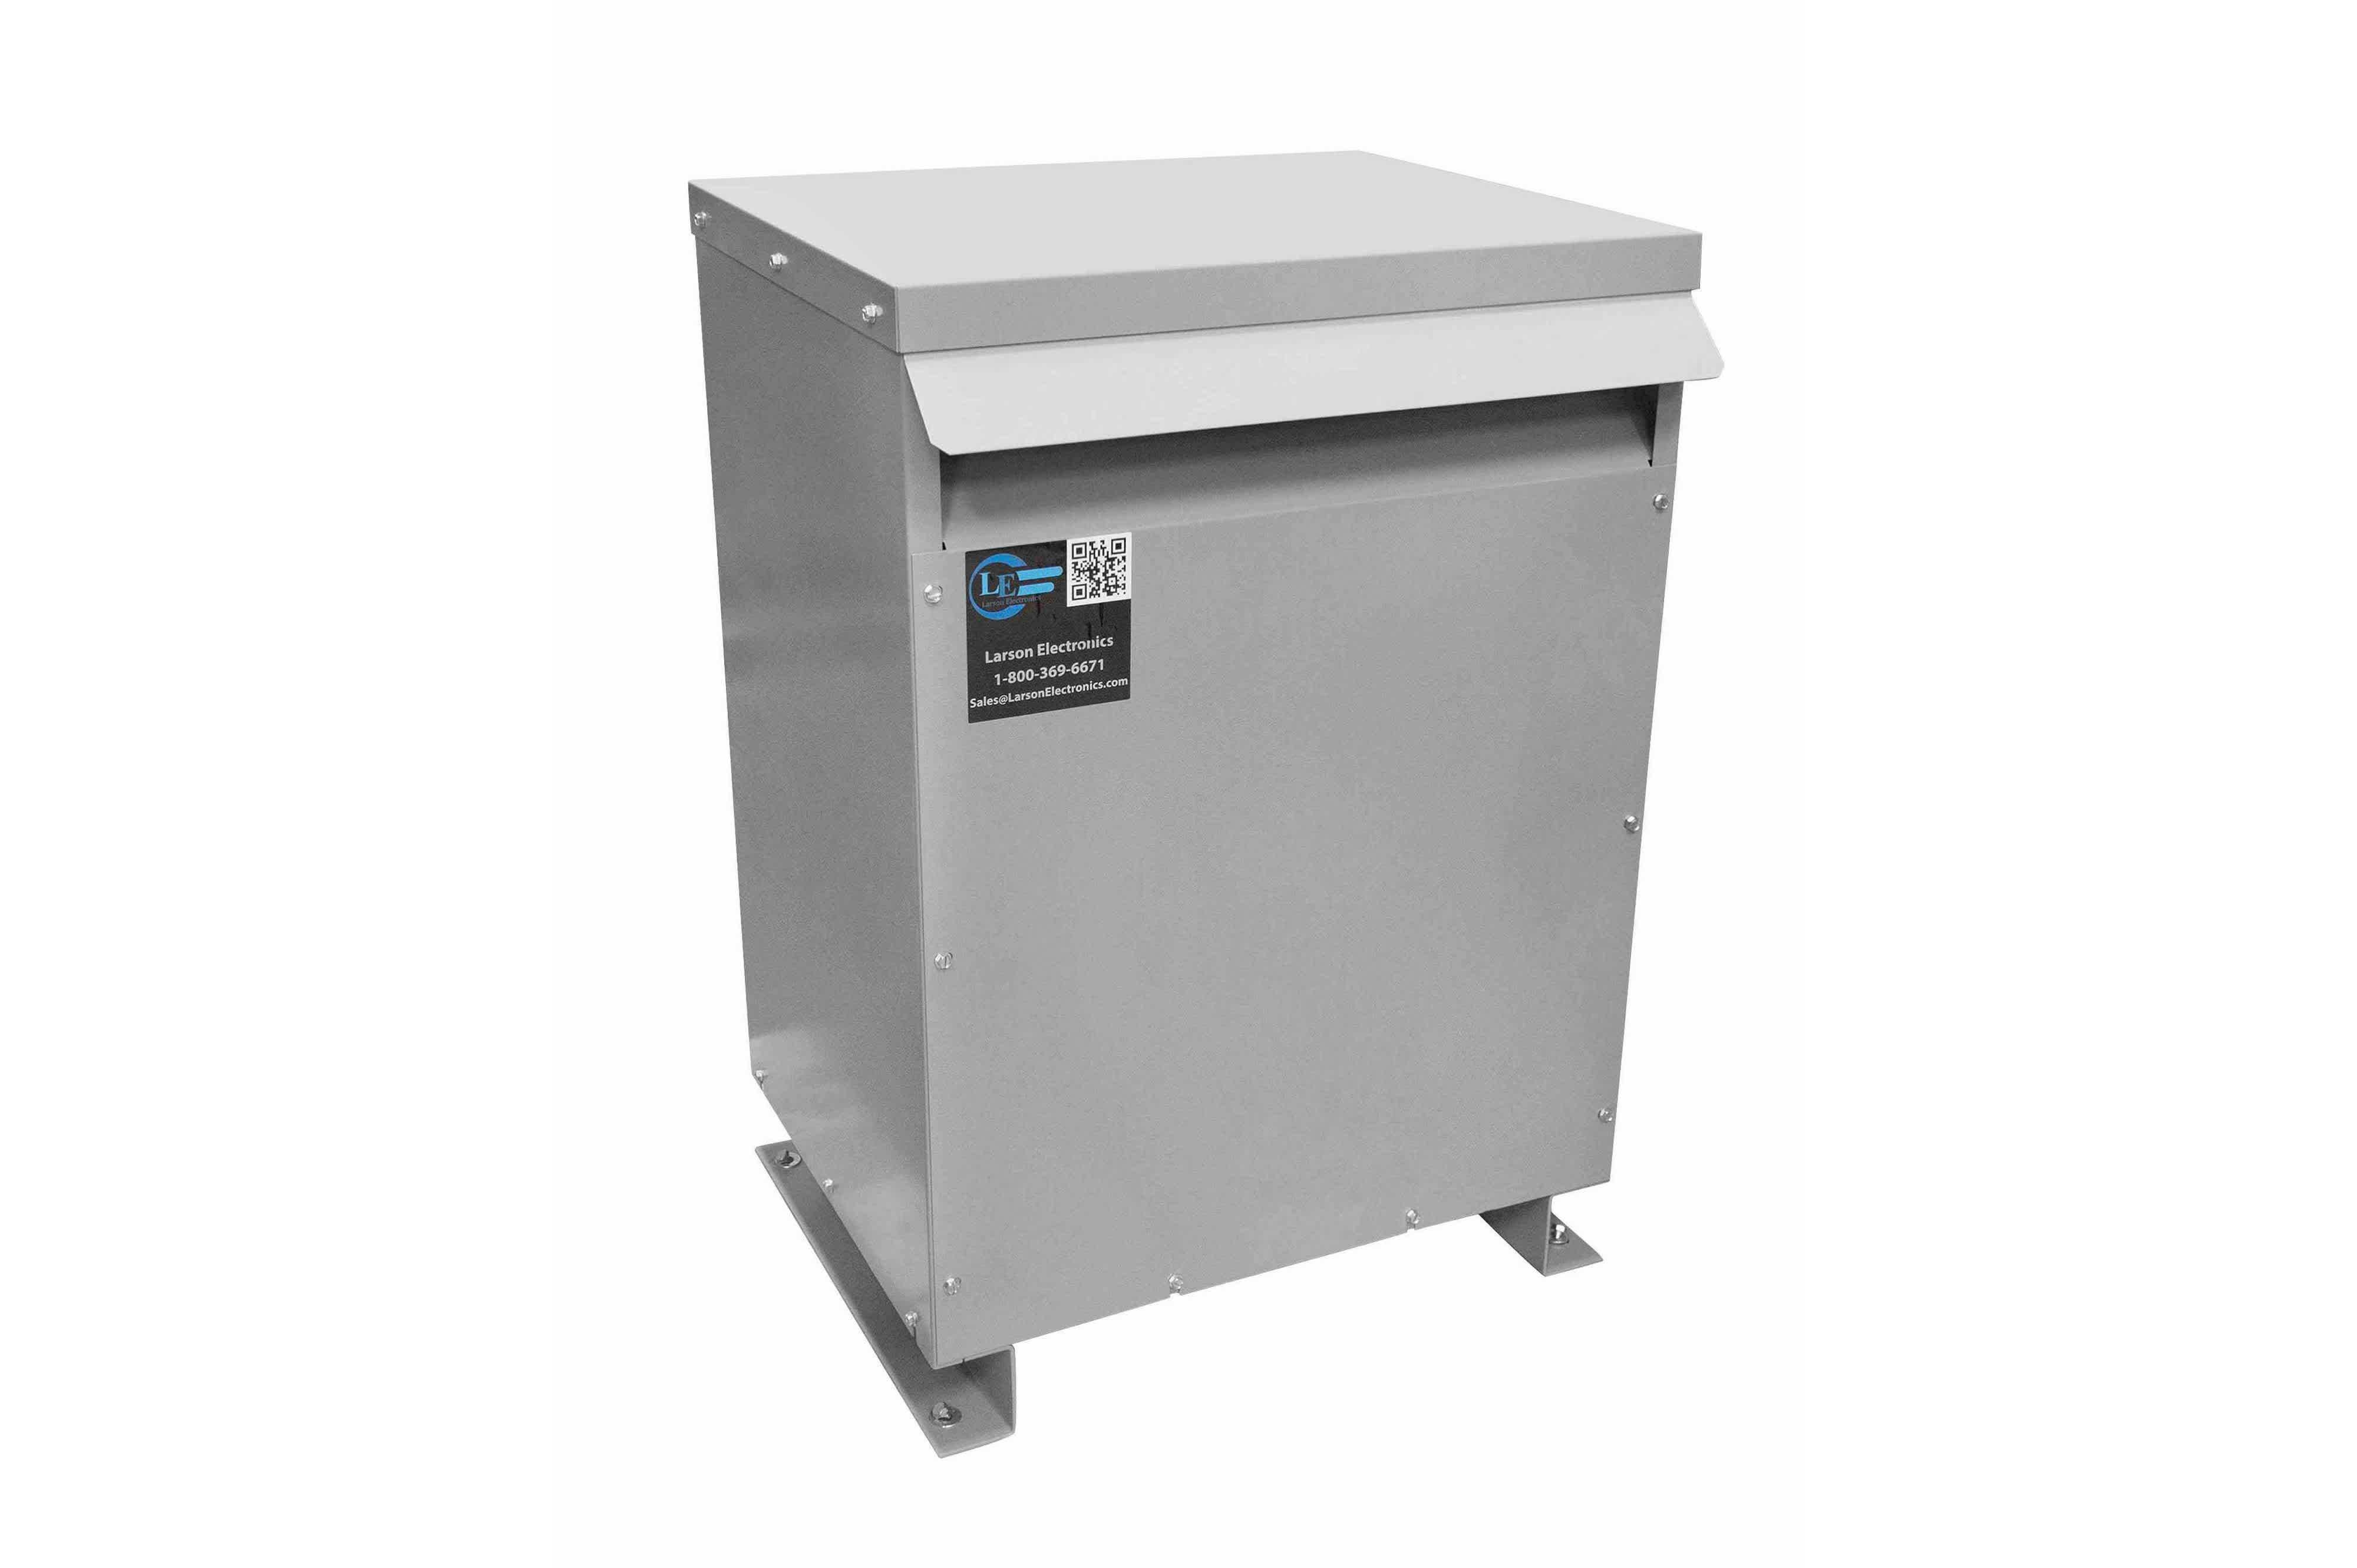 125 kVA 3PH Isolation Transformer, 208V Delta Primary, 480V Delta Secondary, N3R, Ventilated, 60 Hz